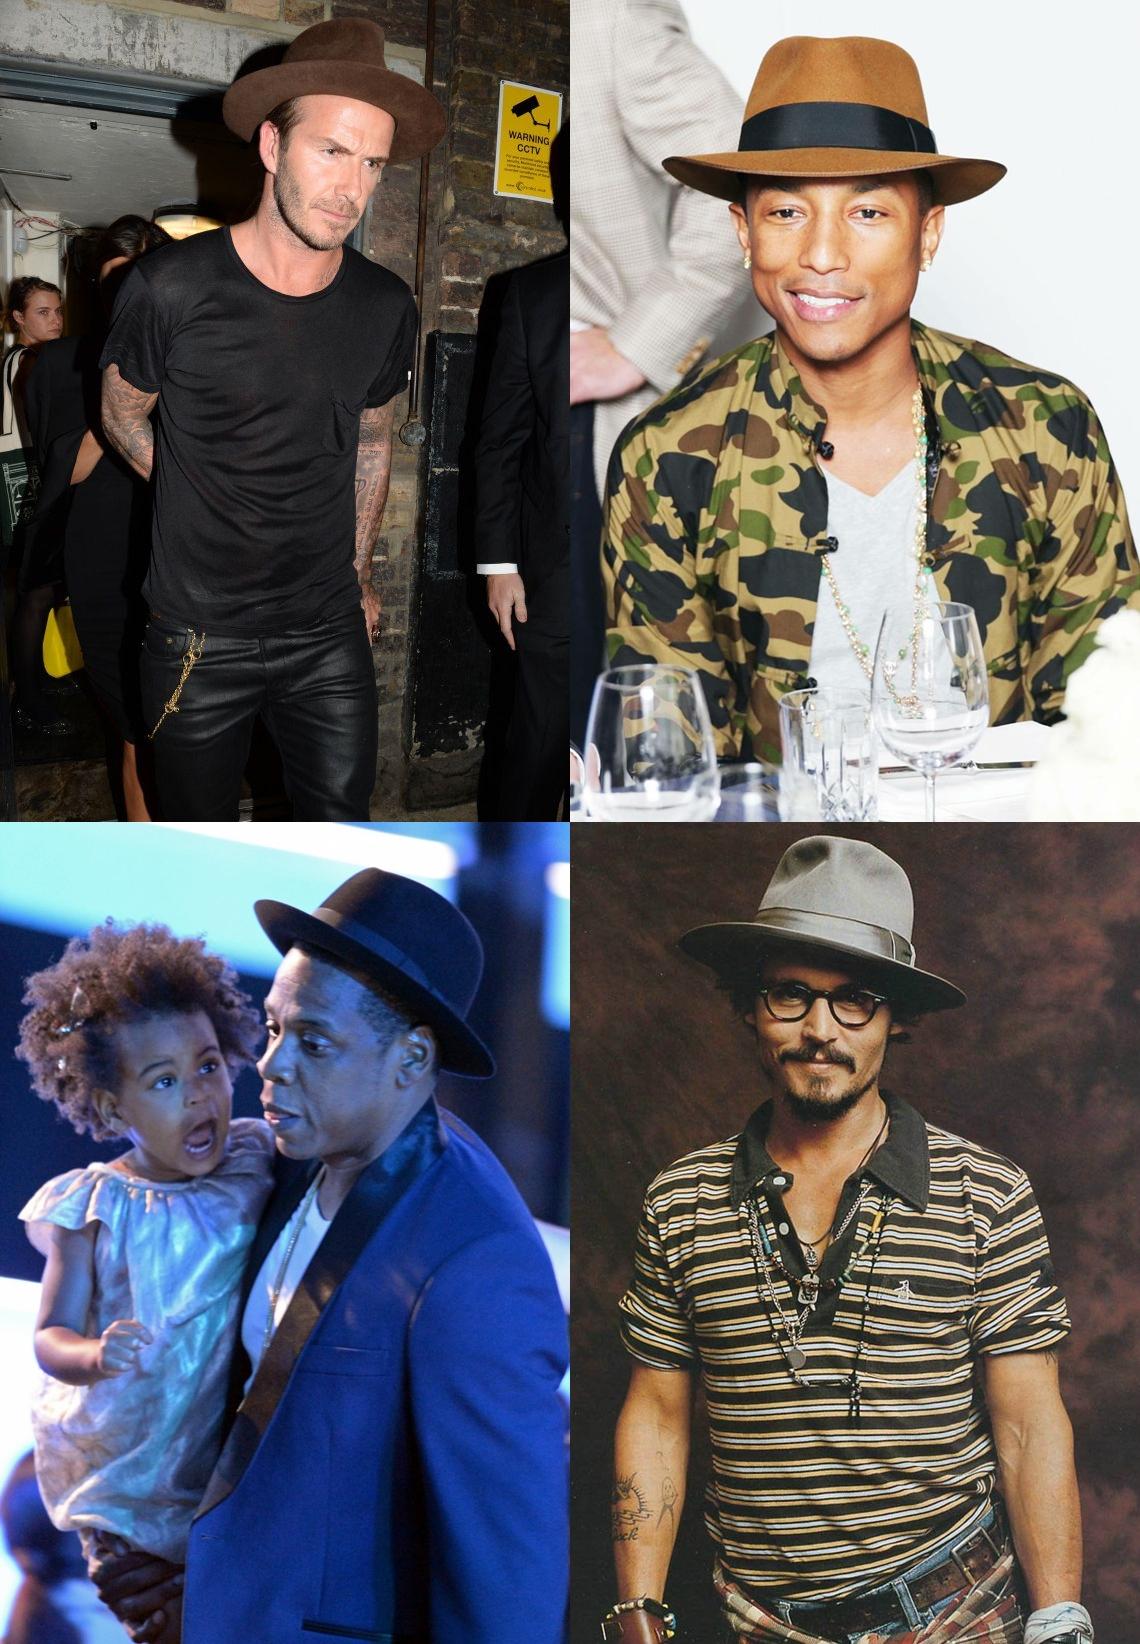 chapéus masculino, moda sem censura, alex cursino, blog de moda masculina, menswear, fashion blogger, estilo, style, fashion, moda, como usar chapéu, dicas de estilo, dicas de moda, 5